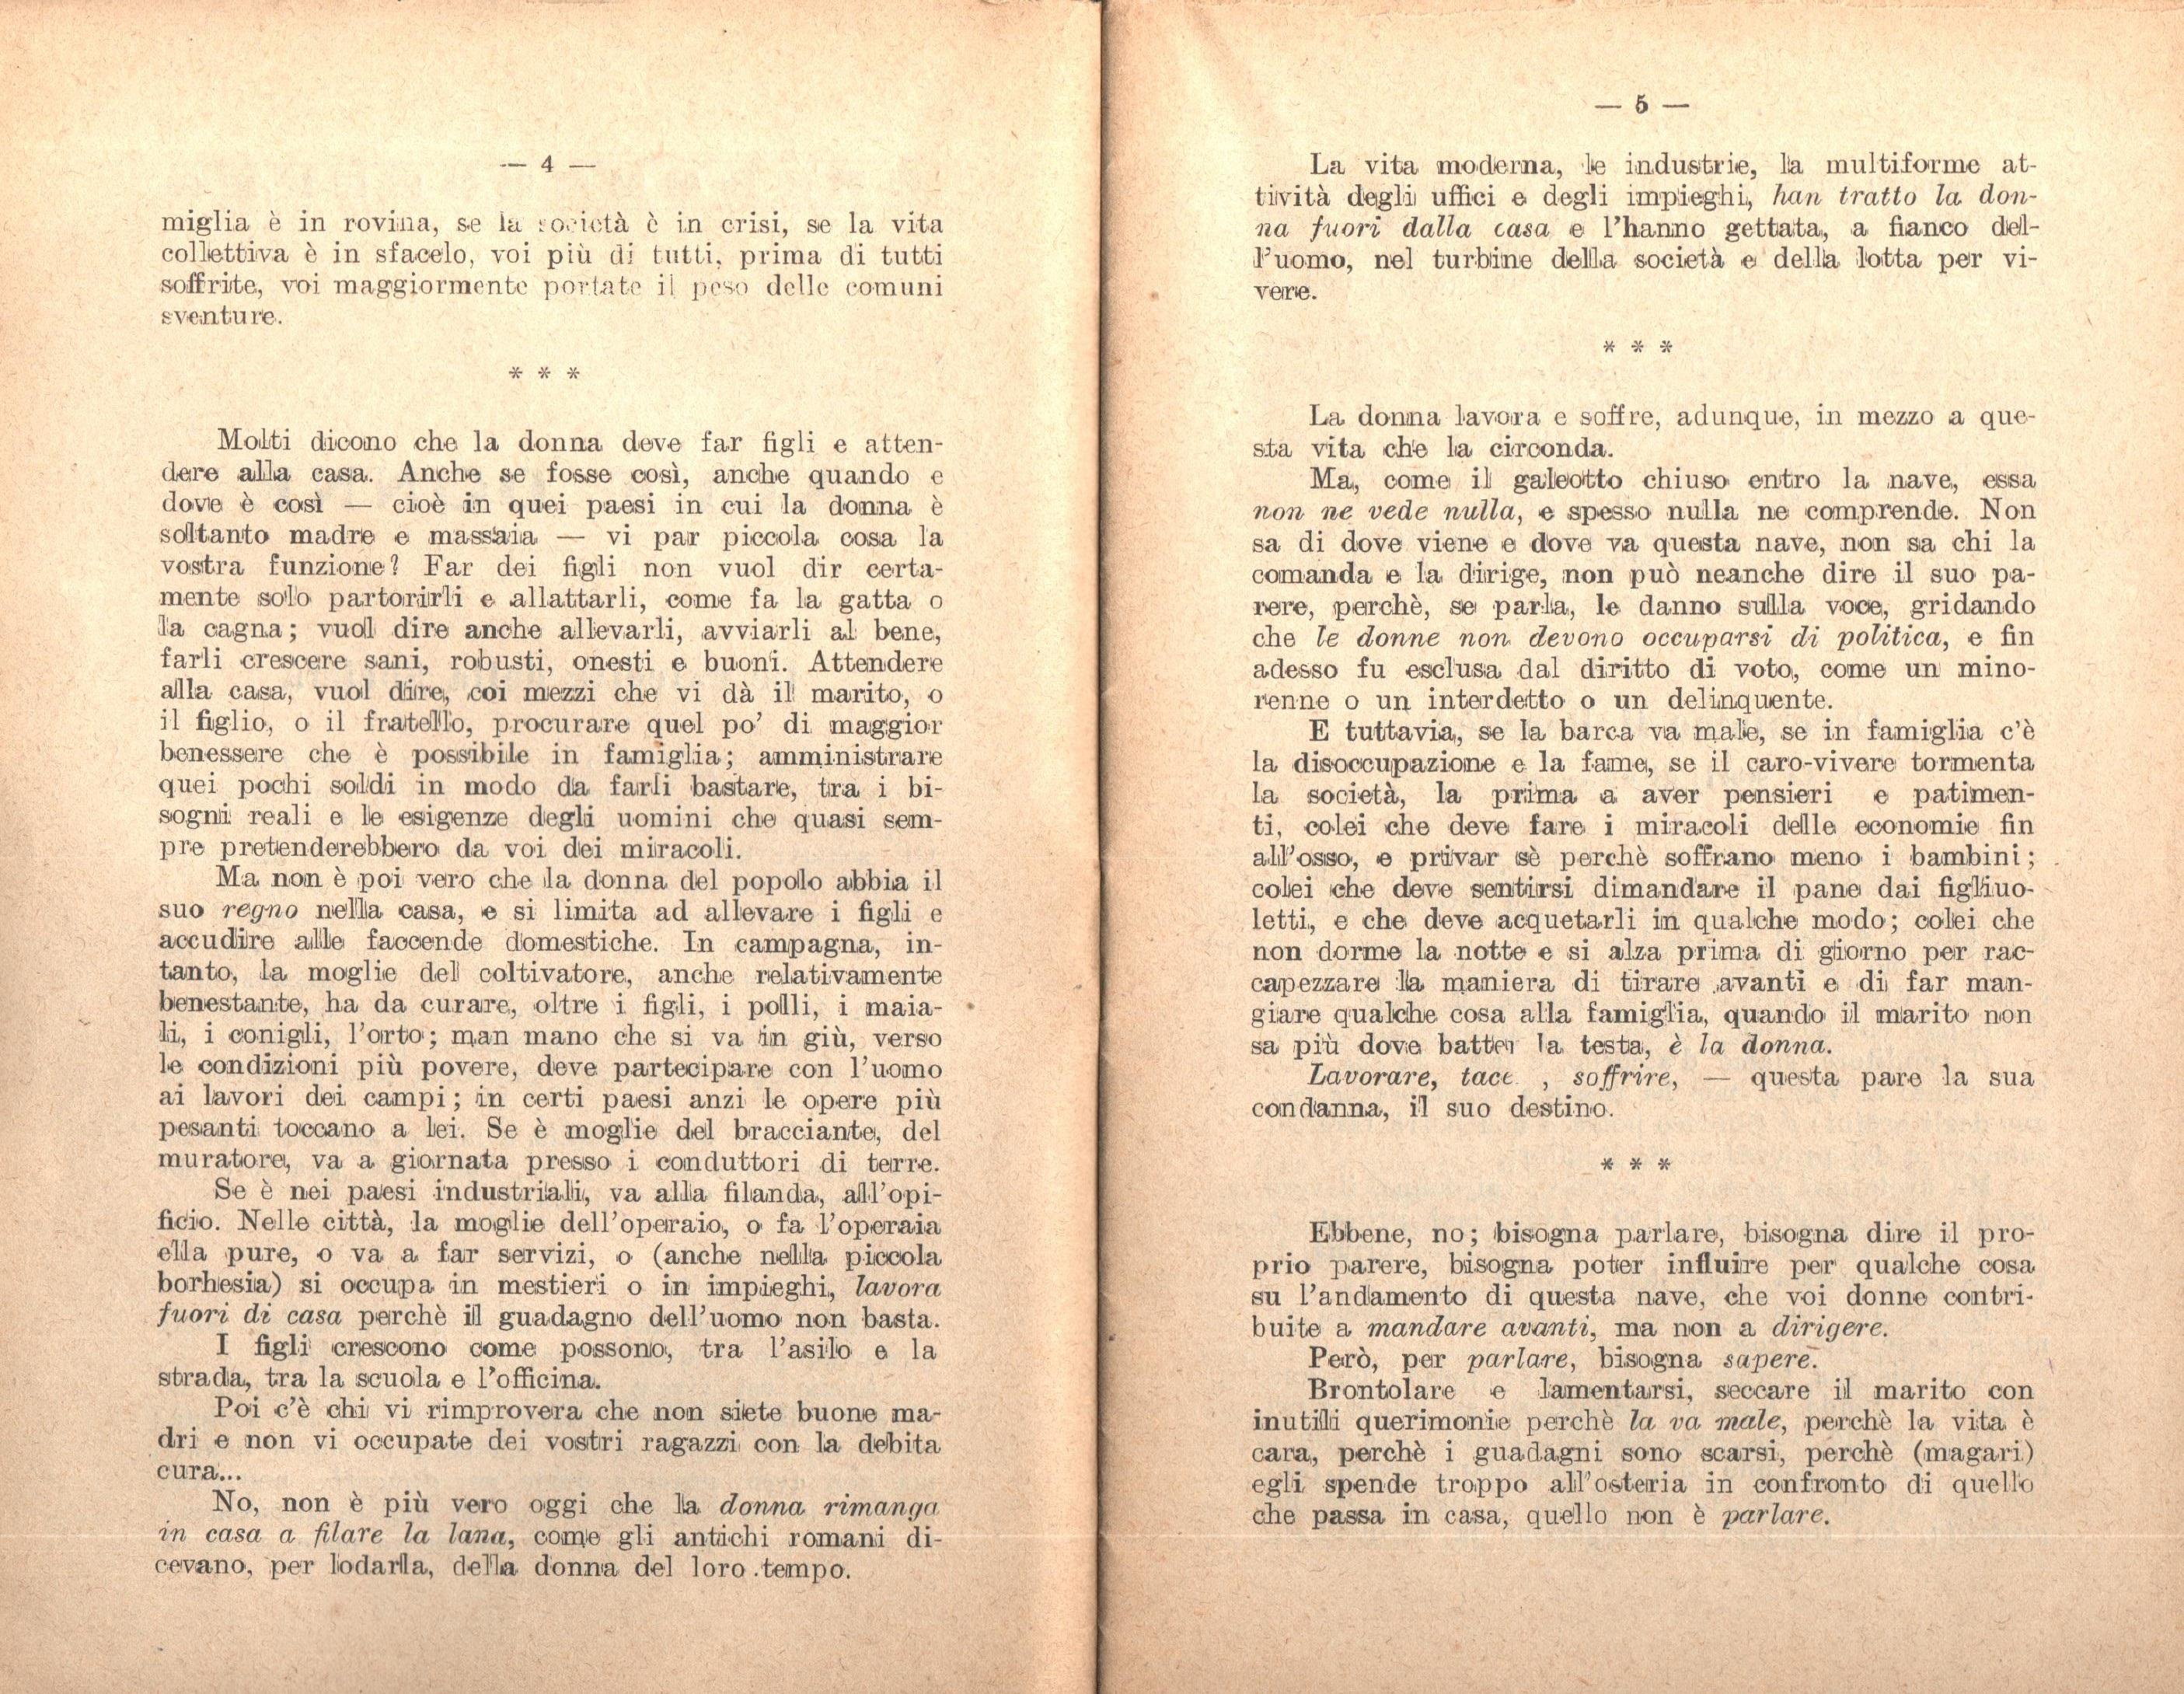 G. Zibordi, Alle donne - pag. 4